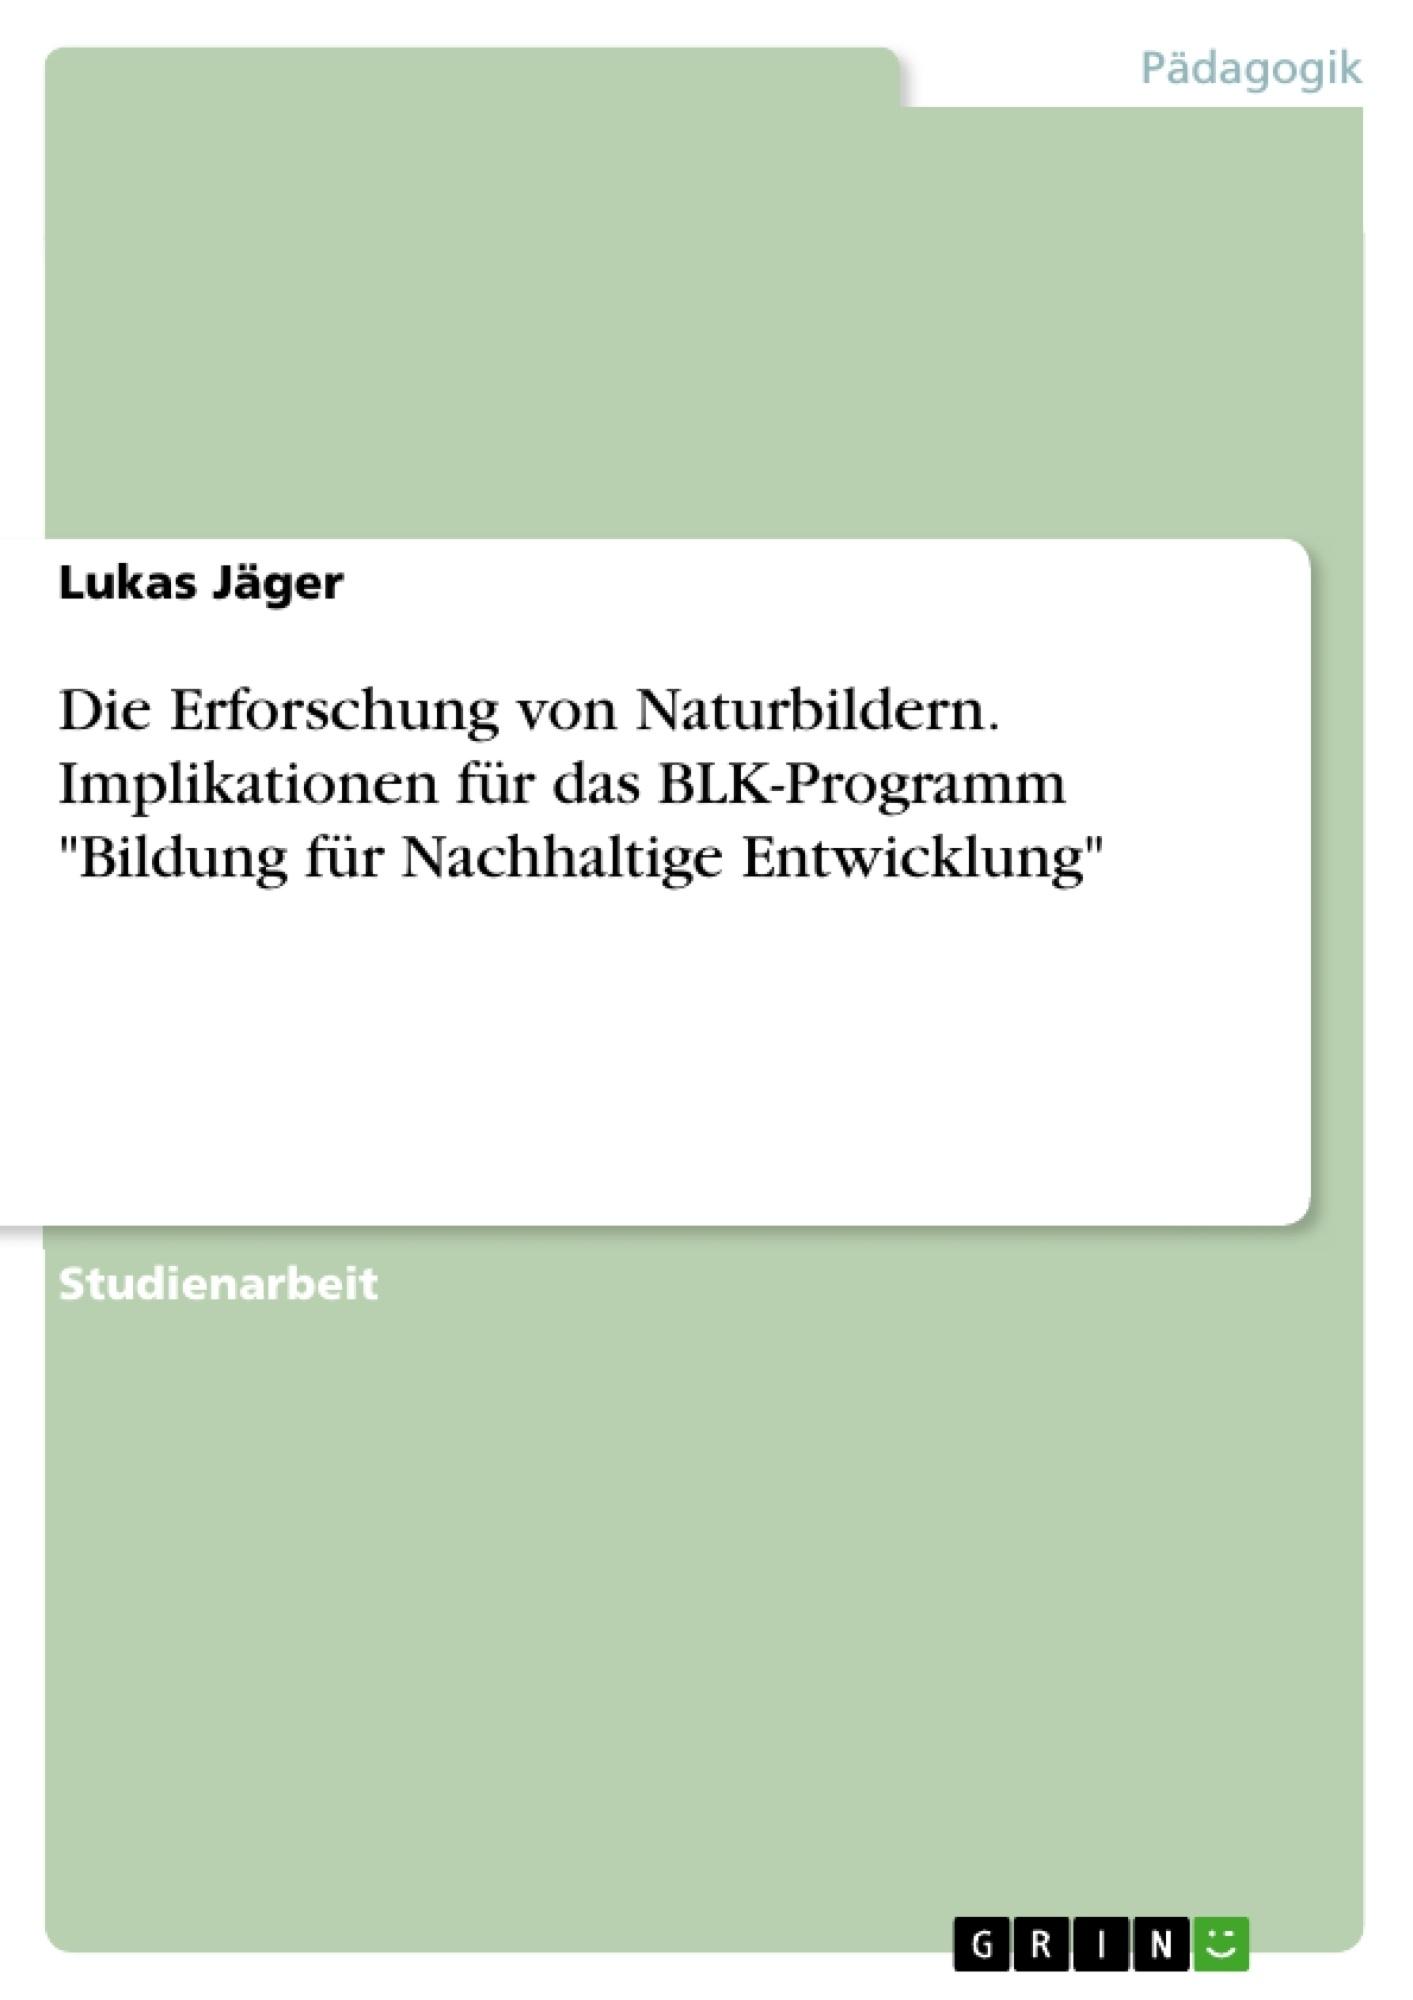 """Titel: Die Erforschung von Naturbildern. Implikationen für das BLK-Programm """"Bildung für Nachhaltige Entwicklung"""""""